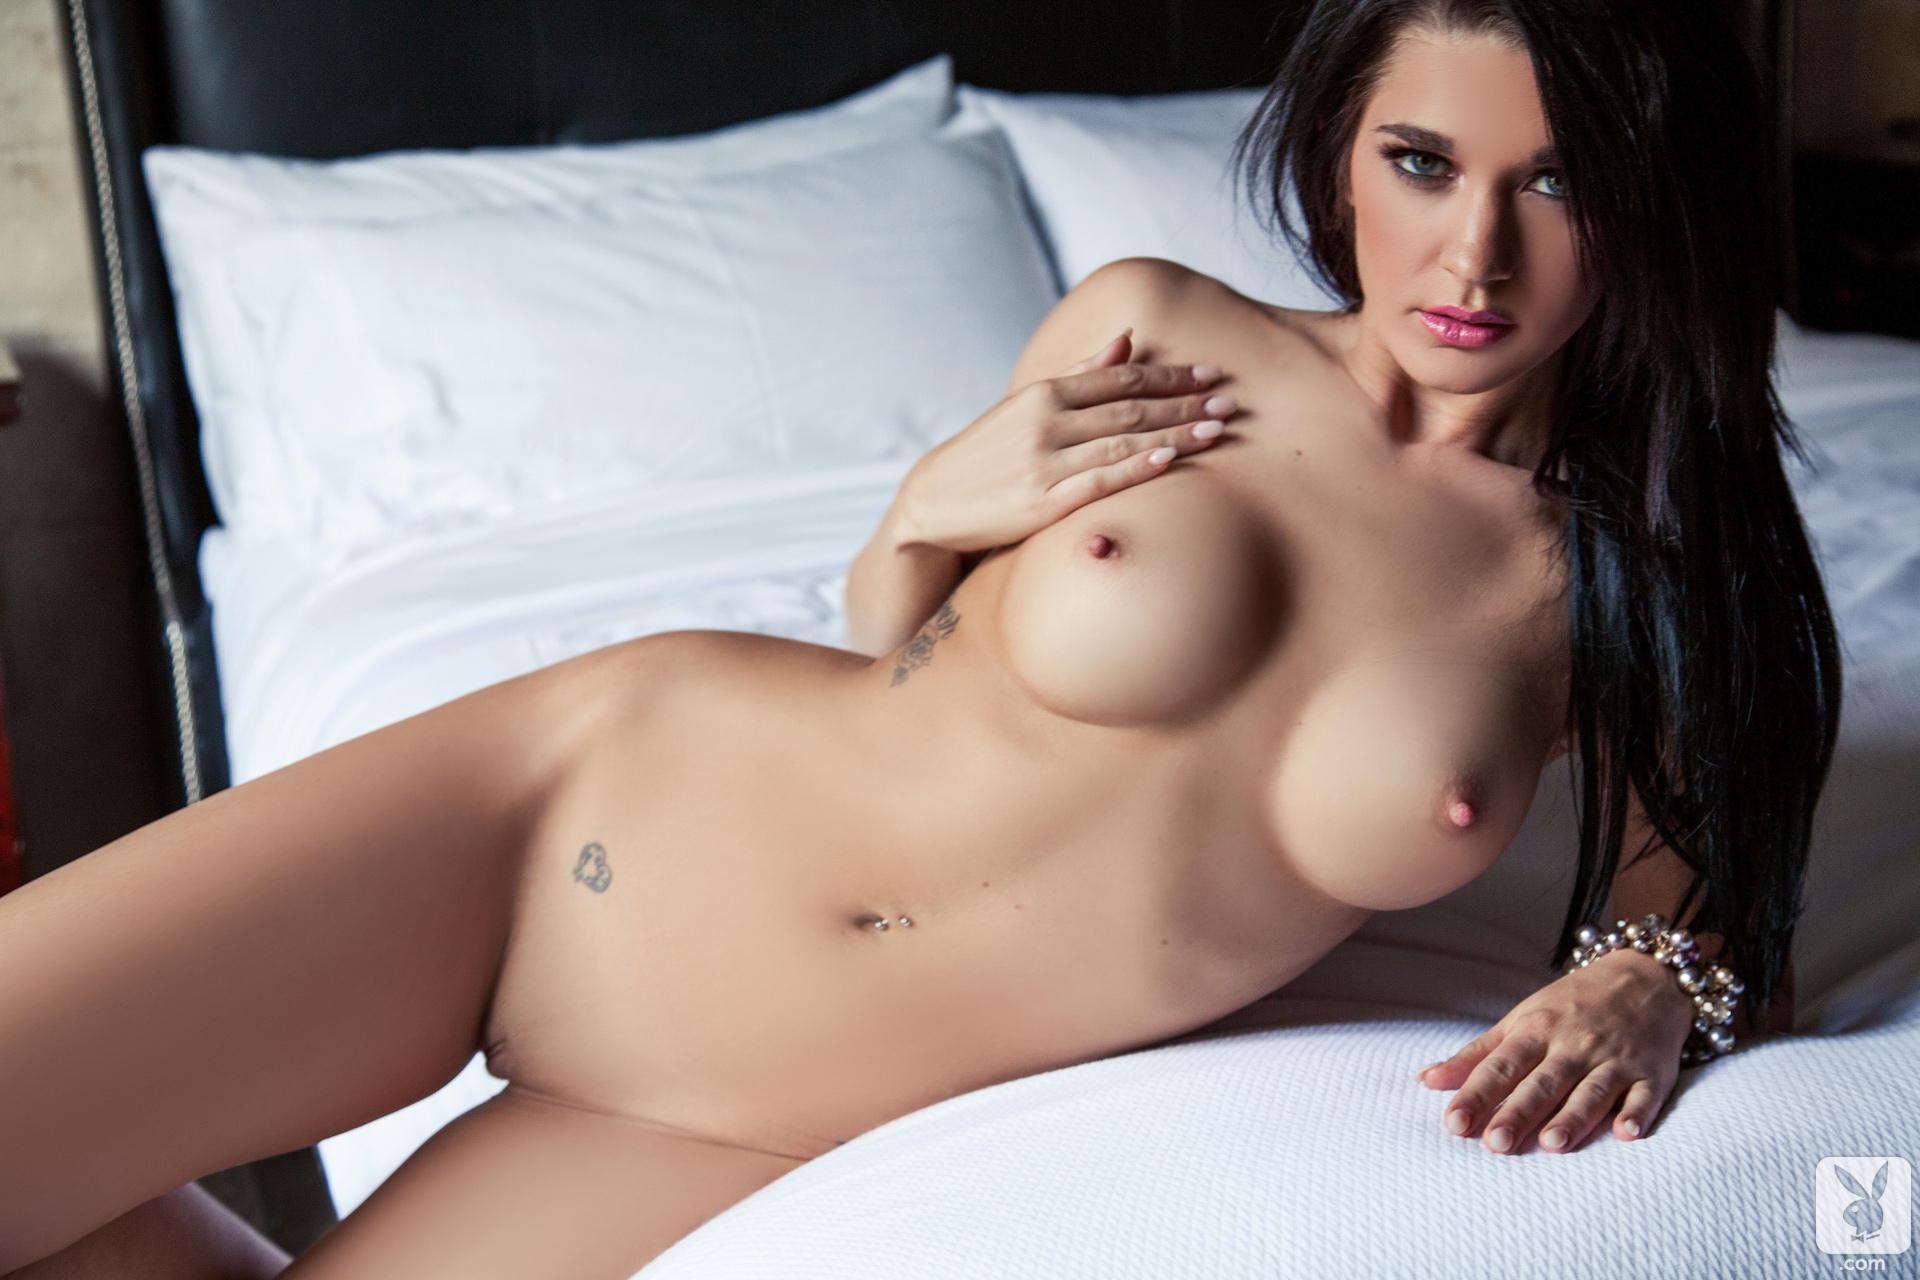 Секс в спальне фотки смотреть 26 фотография